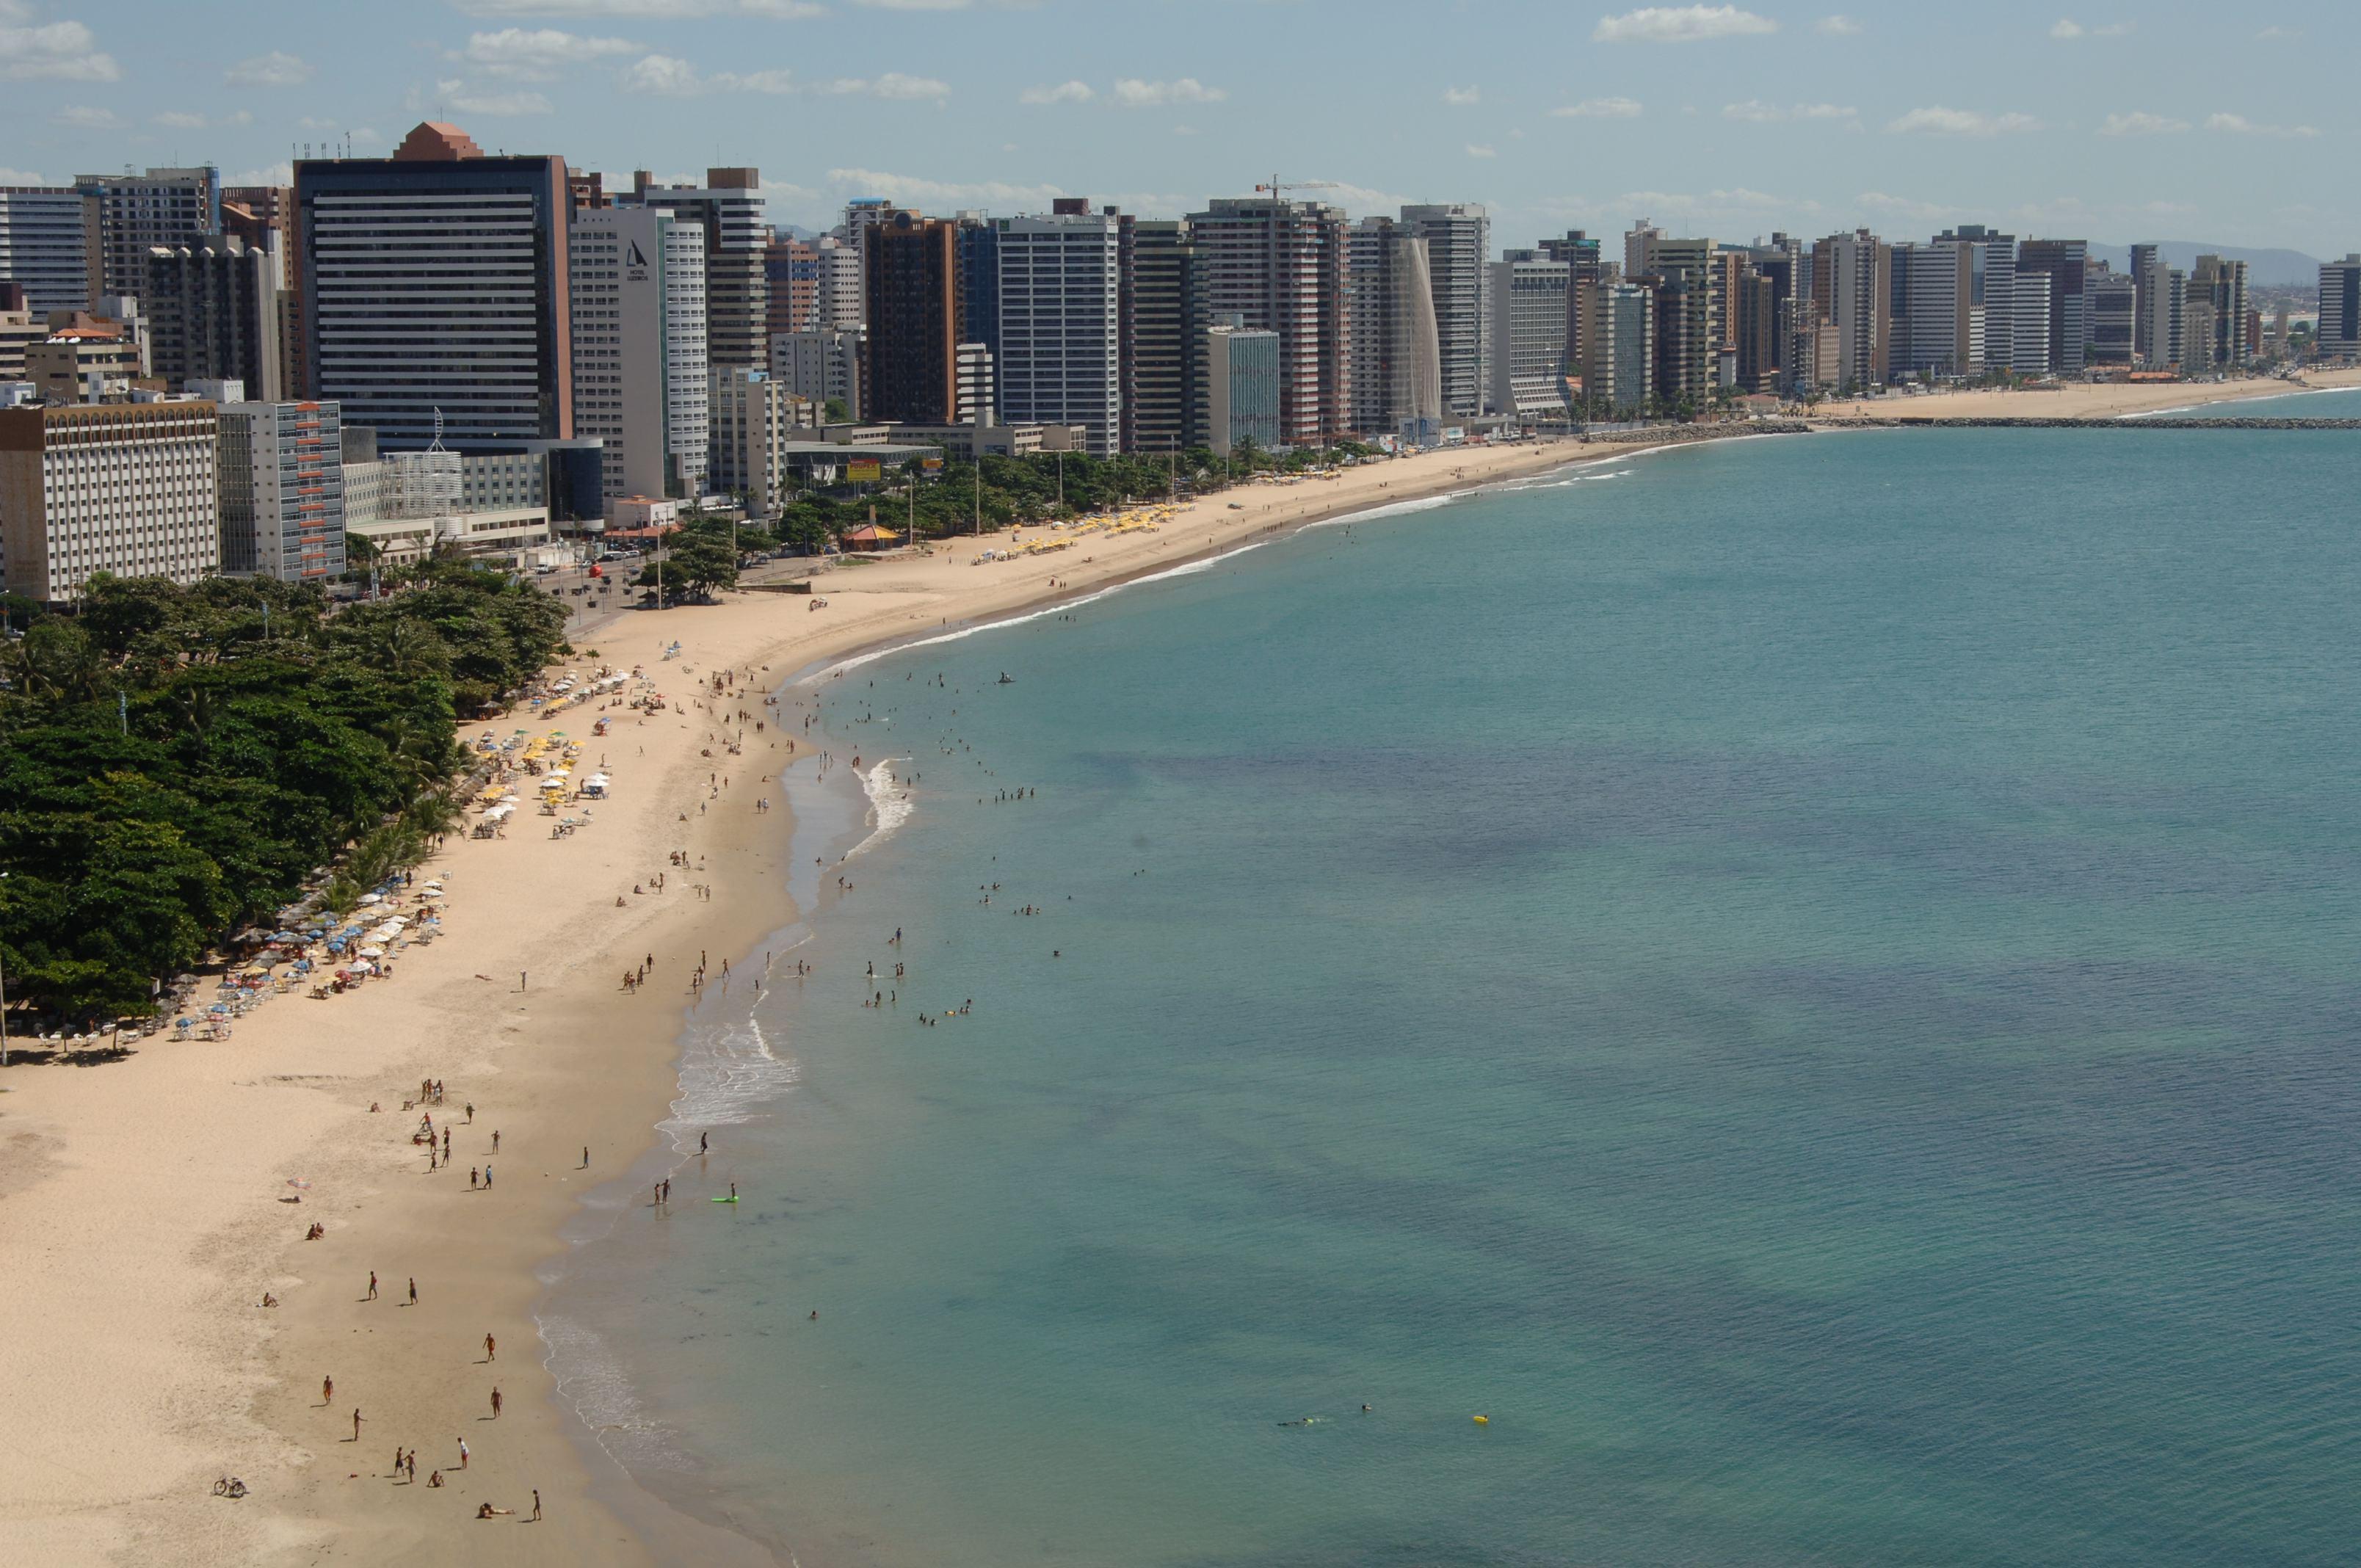 Um dos principais pontos turísticos de Fortaleza, a Beira-Mar tem altos índices de assaltos